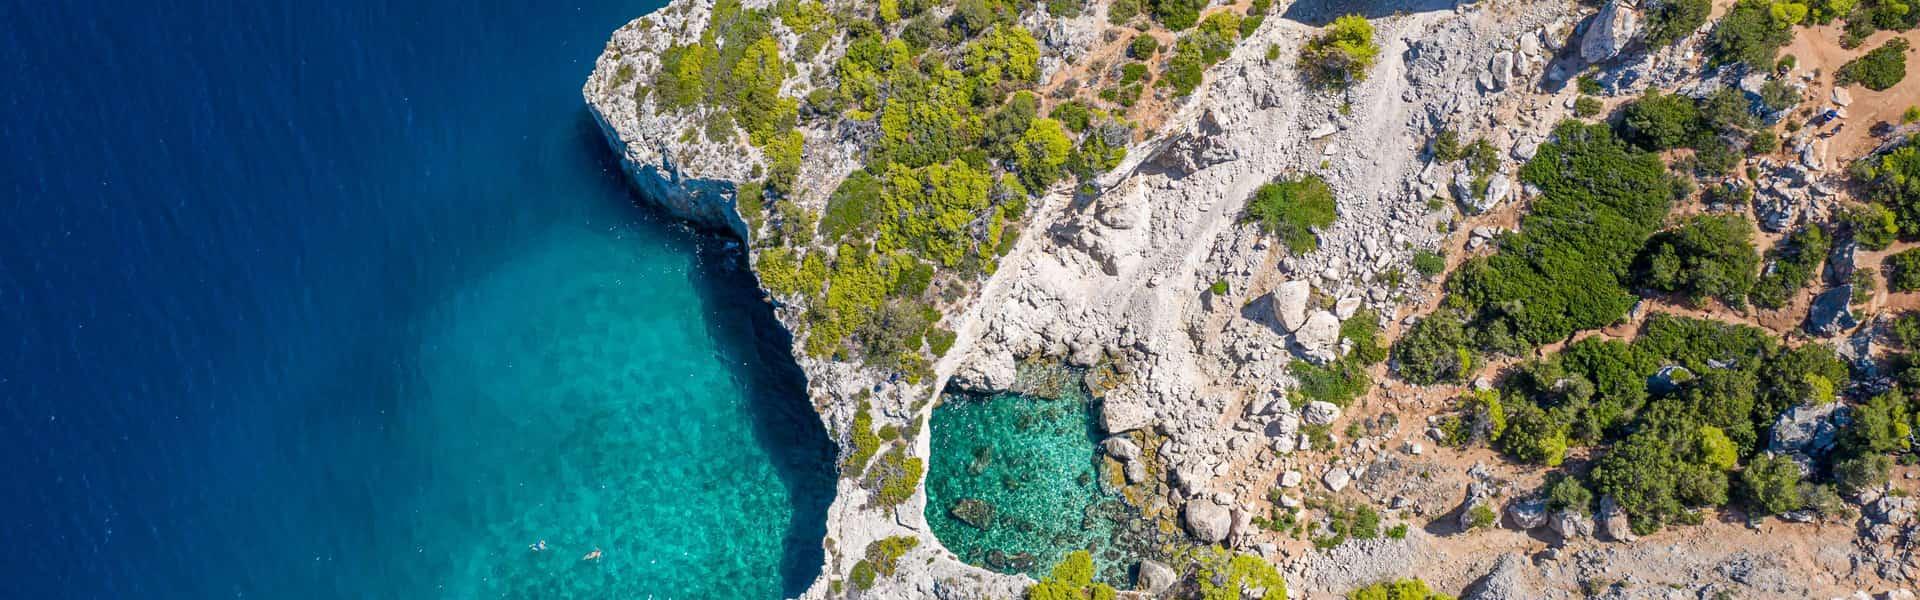 Σπηλιά της φώκιας πανοραμική